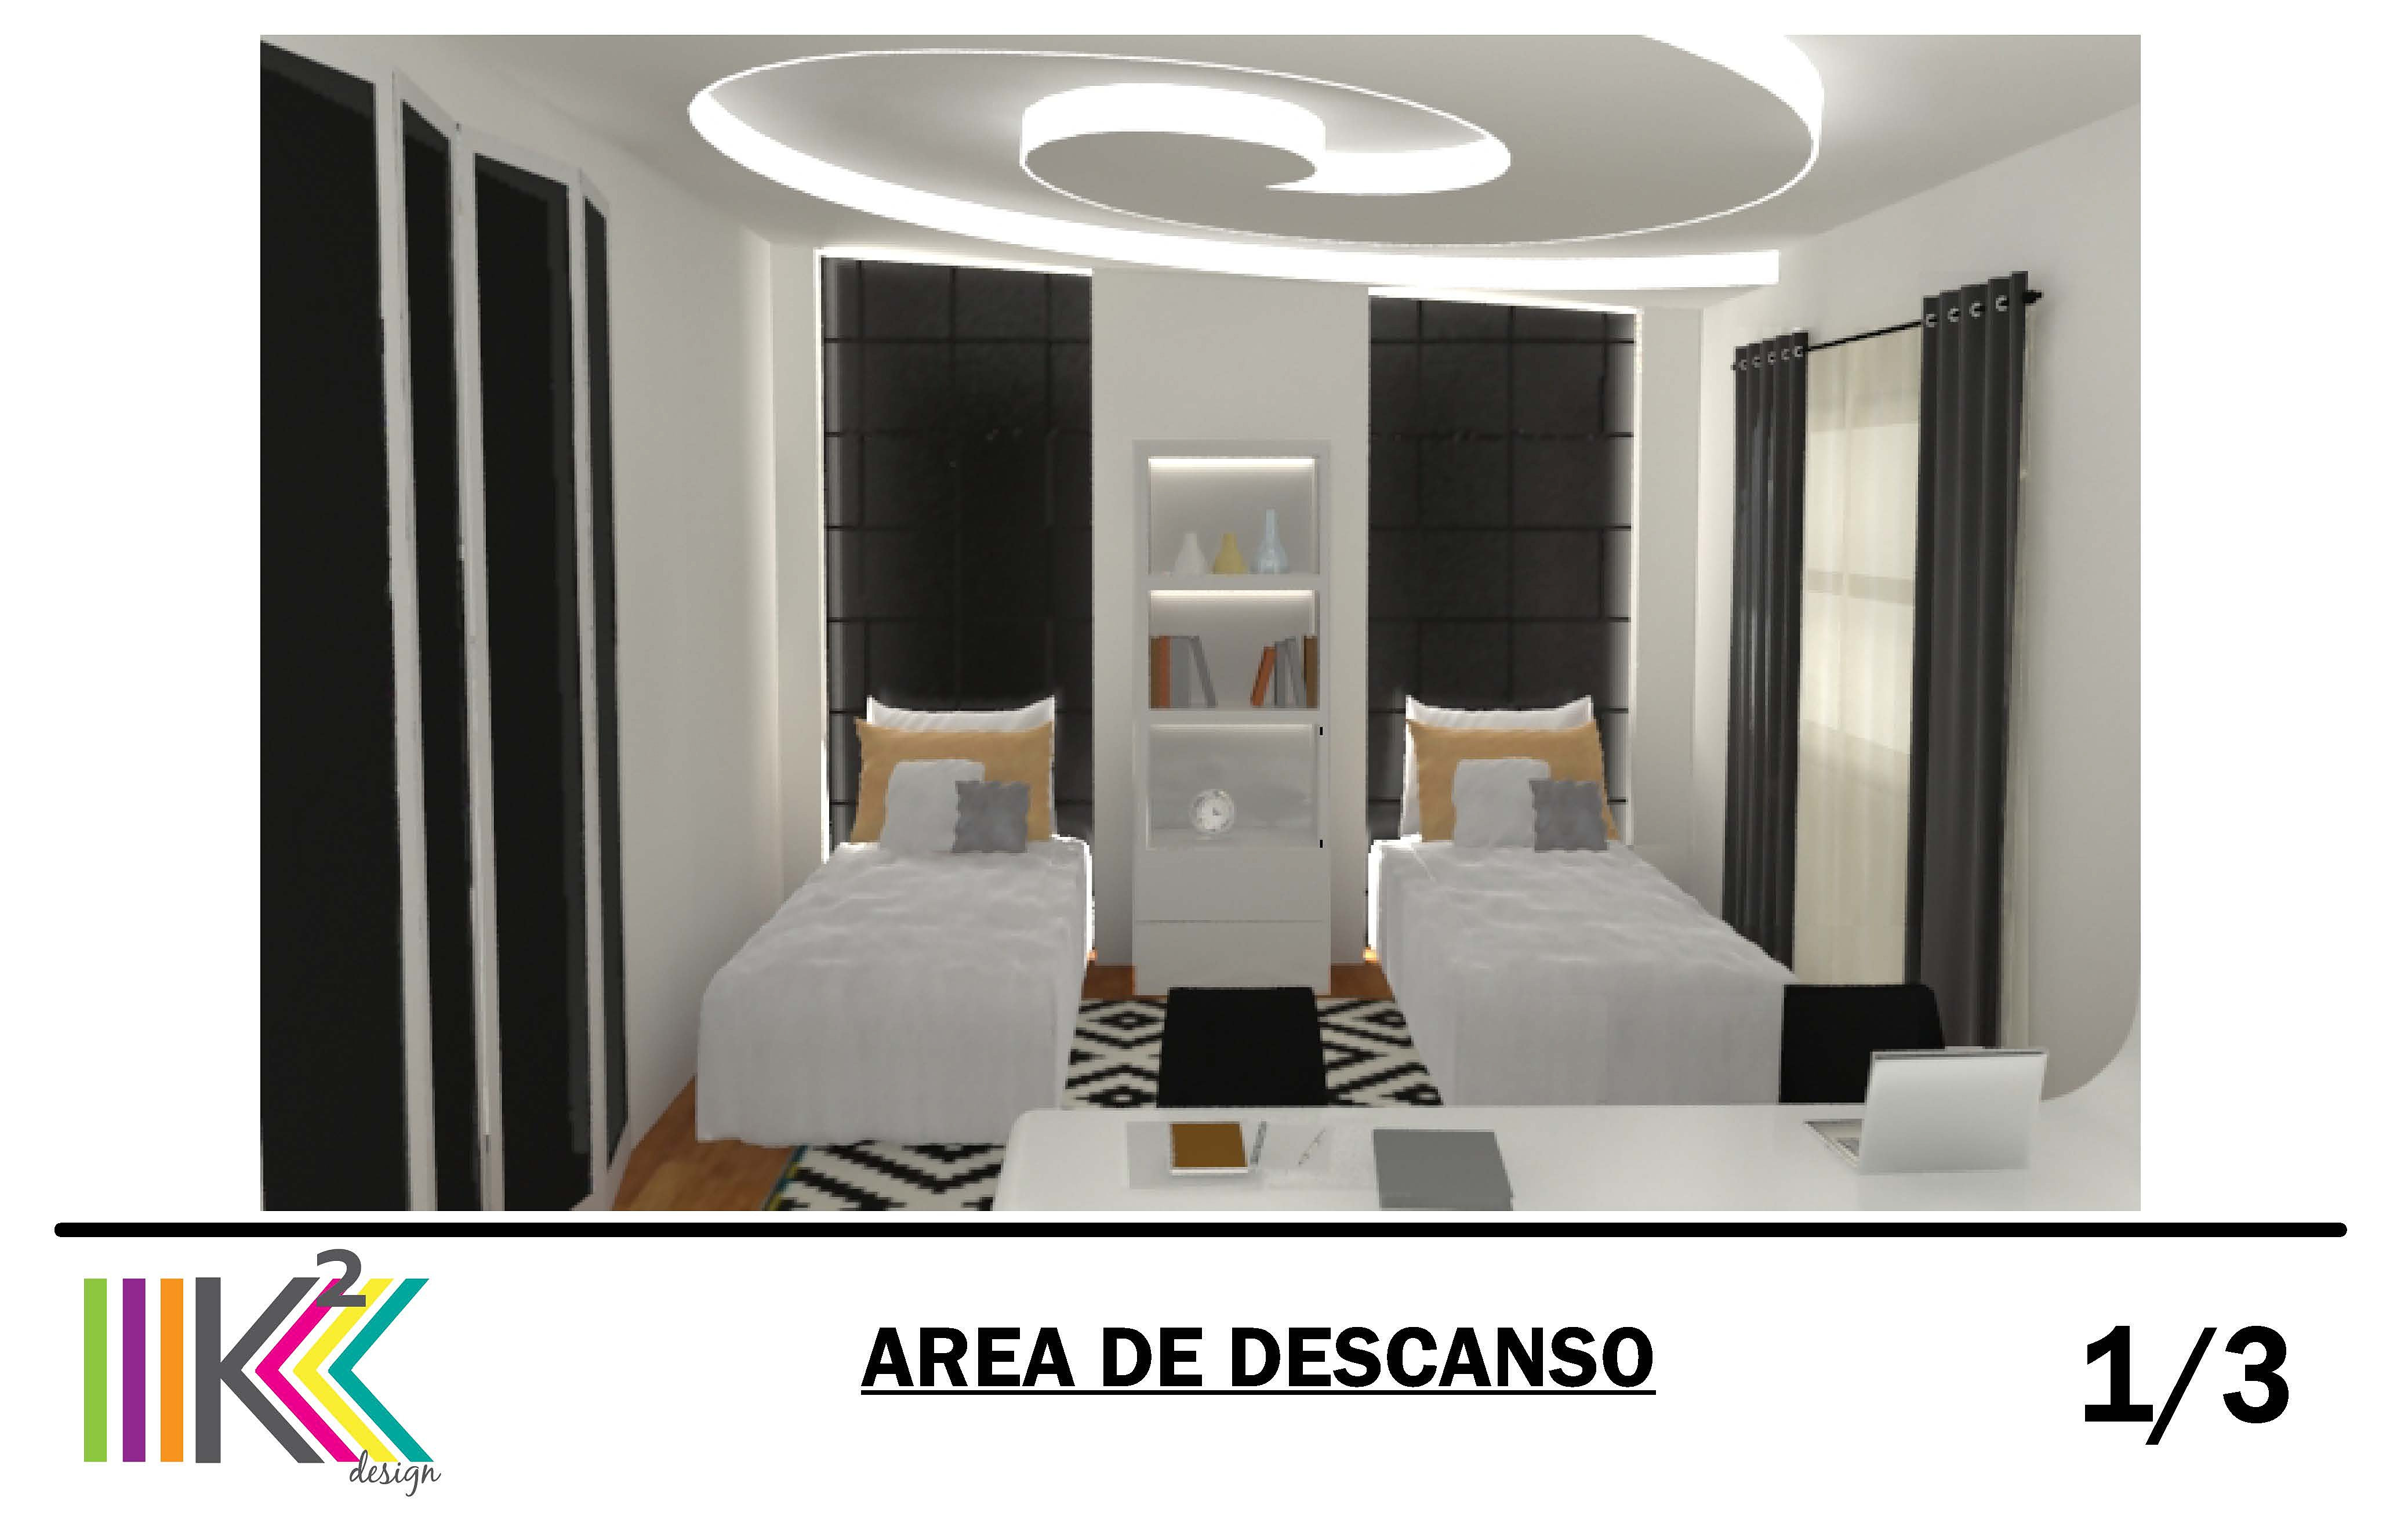 k2 design co san diego interior designer san diego